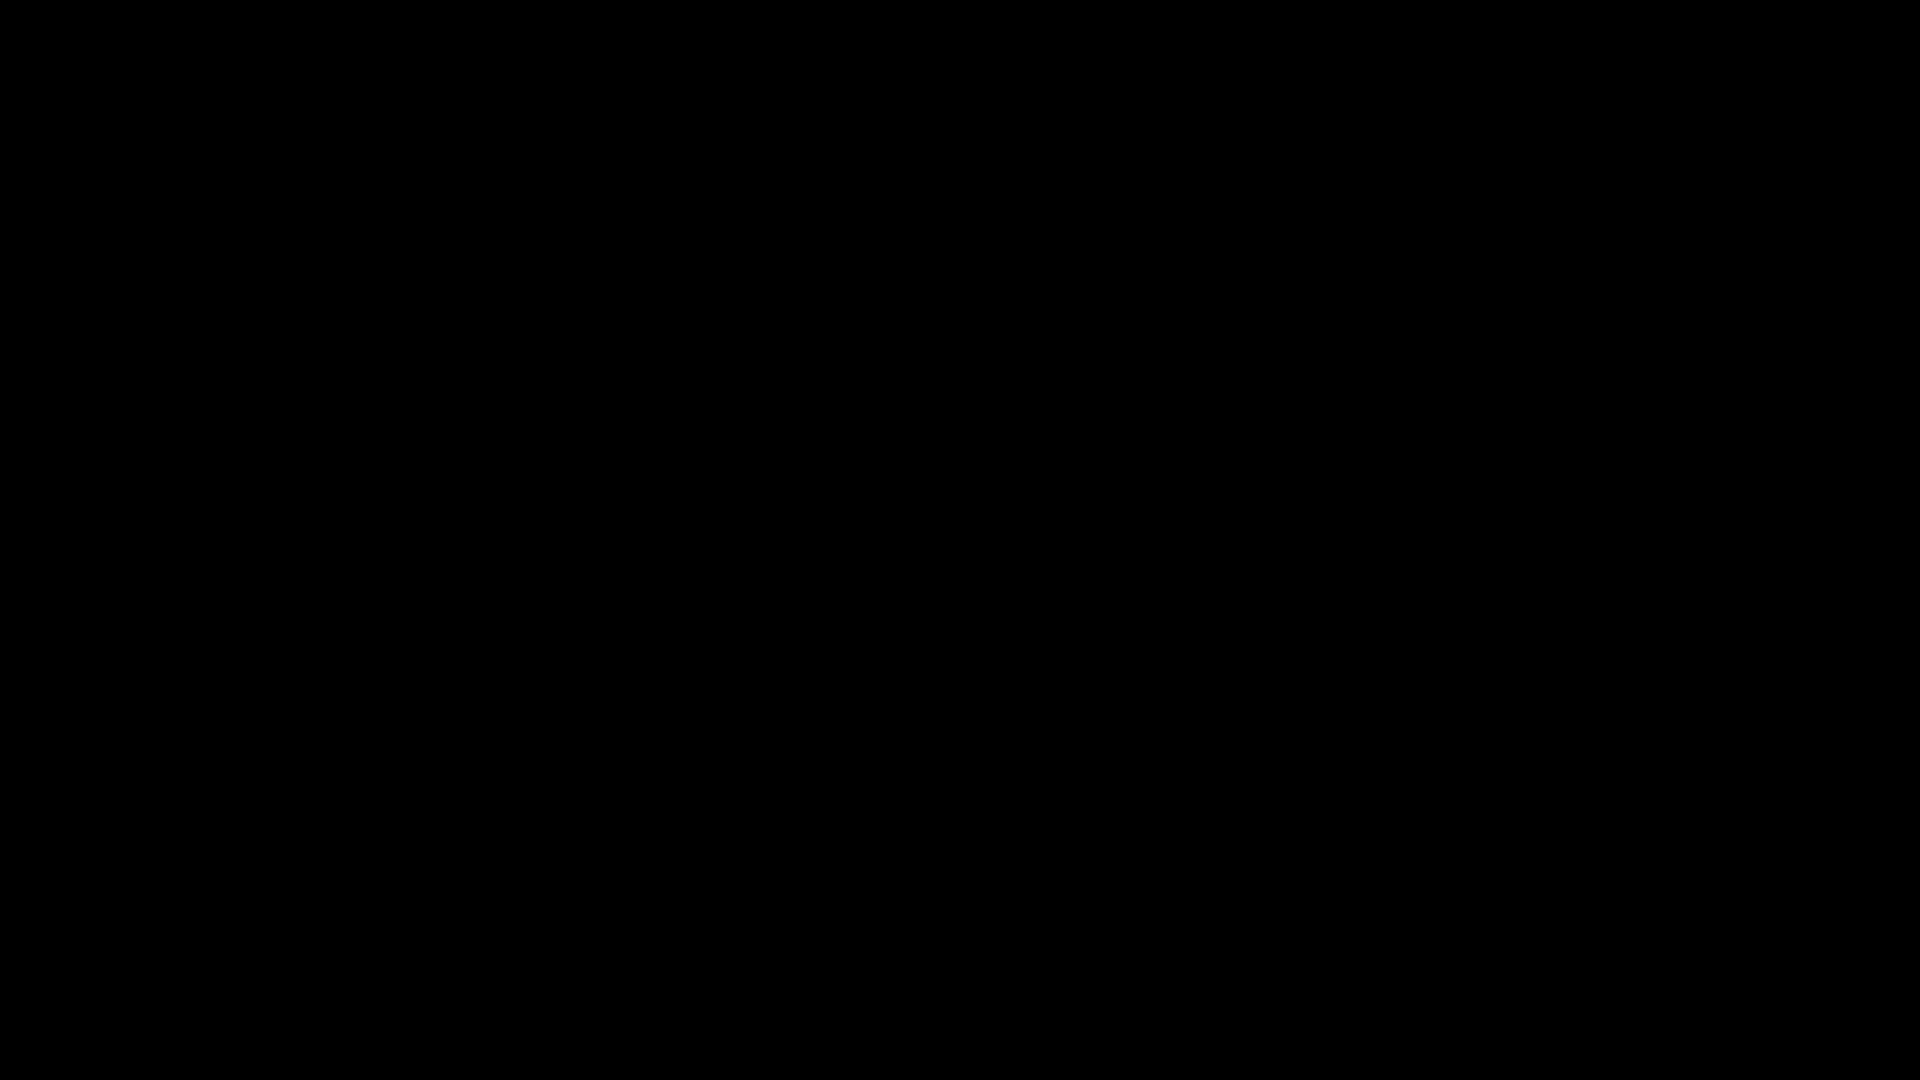 潜入!!韓国秘密のトイレ!Vol.05 OLセックス 覗き性交動画流出 78画像 72